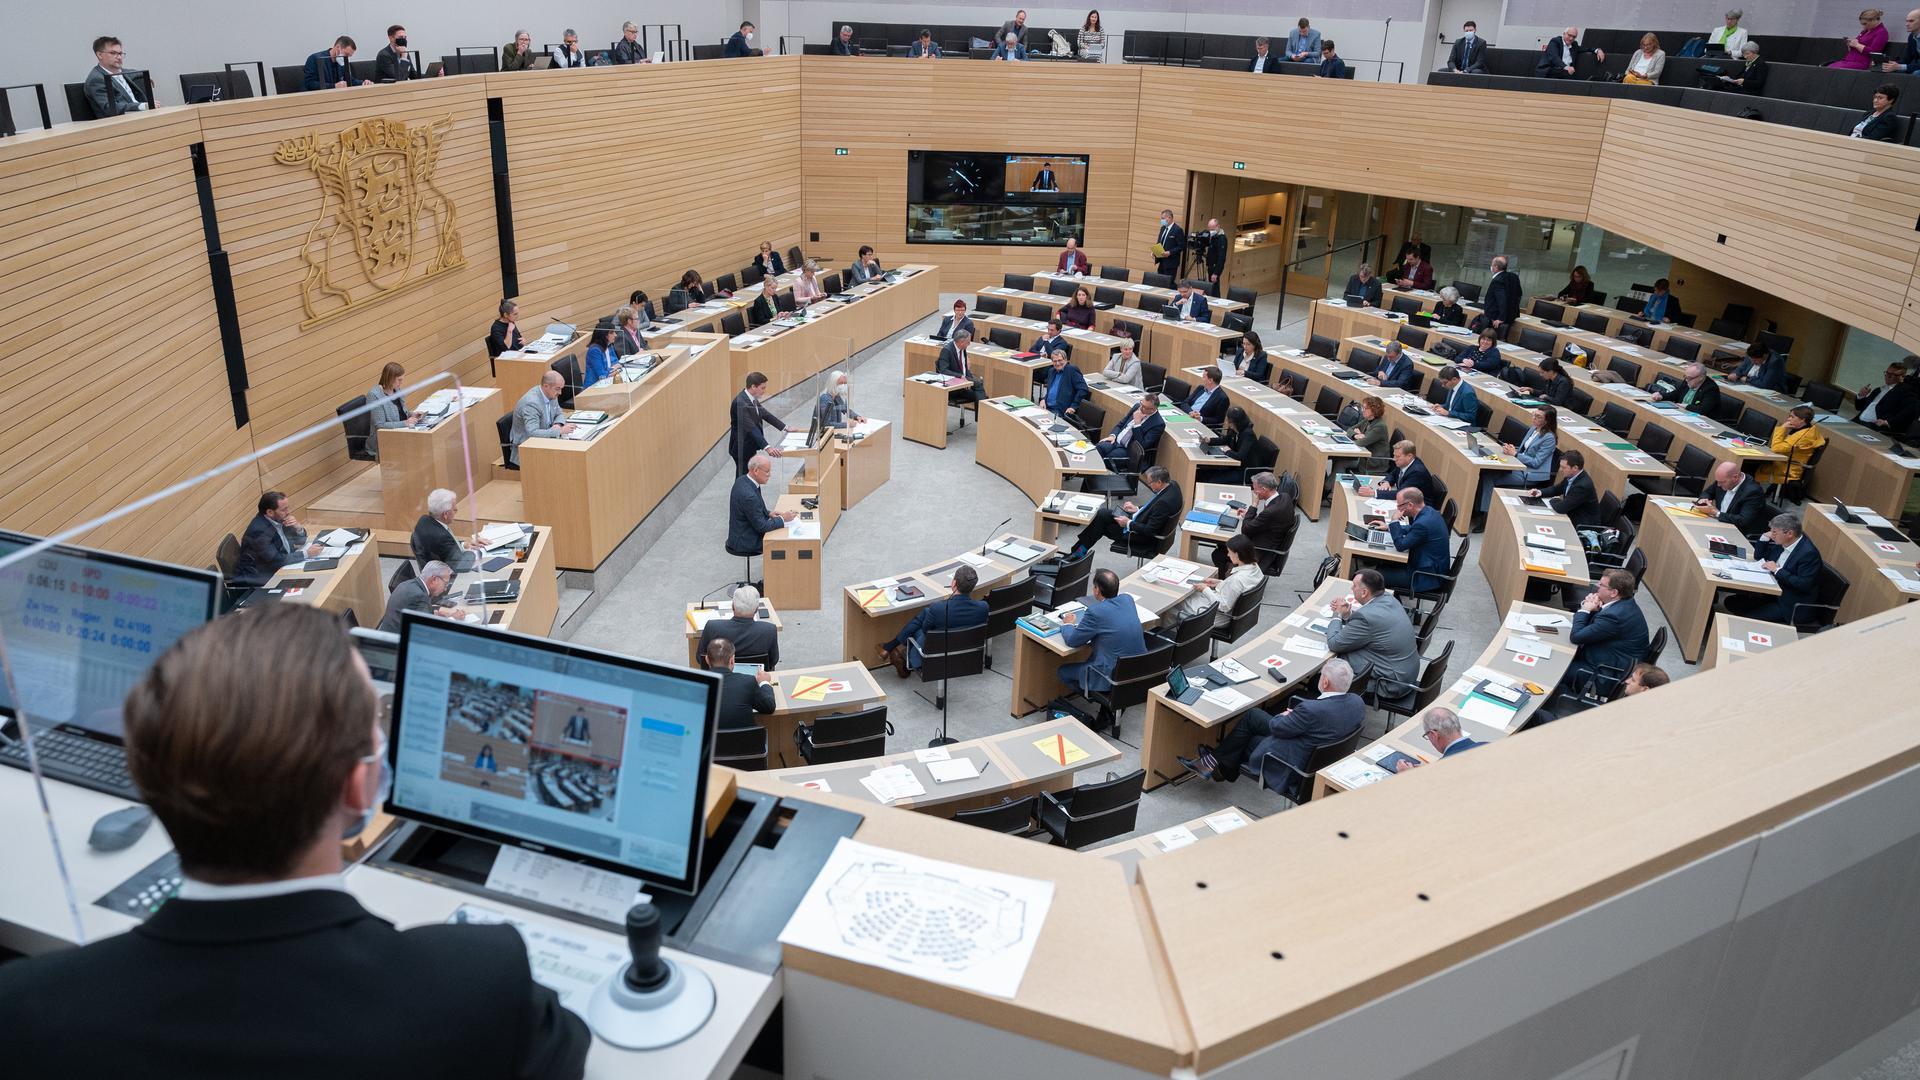 Im Plenarsaal im Landtag von Baden-Württemberg debattieren Abgeordnete. Auf einer Pressekonferenz informiert Baden-Württembergs FDP/DVP Landtagsfraktion am 08.10.2021 über die Wahlrechtsreform. +++ dpa-Bildfunk +++